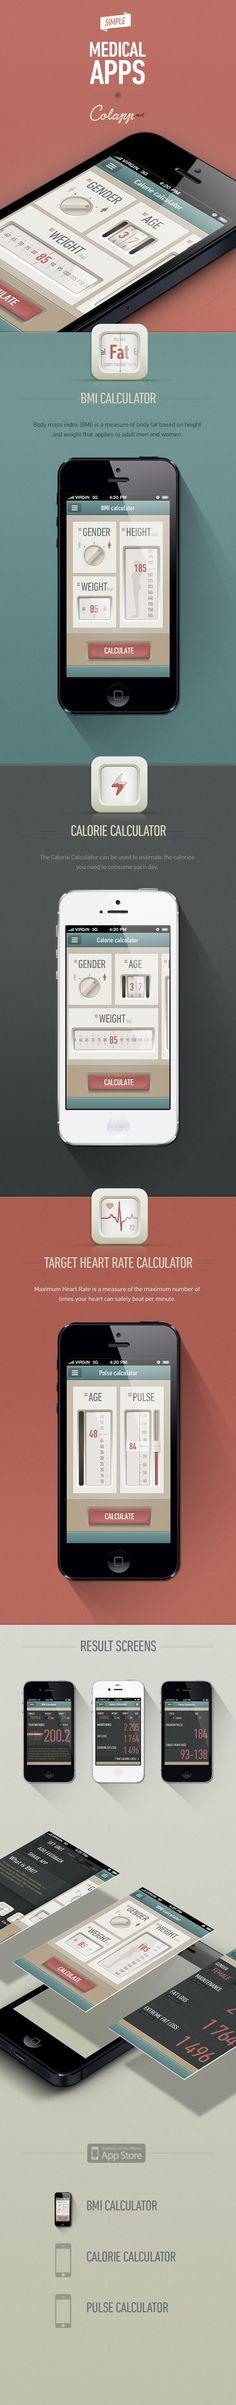 iPhone medical app ui.